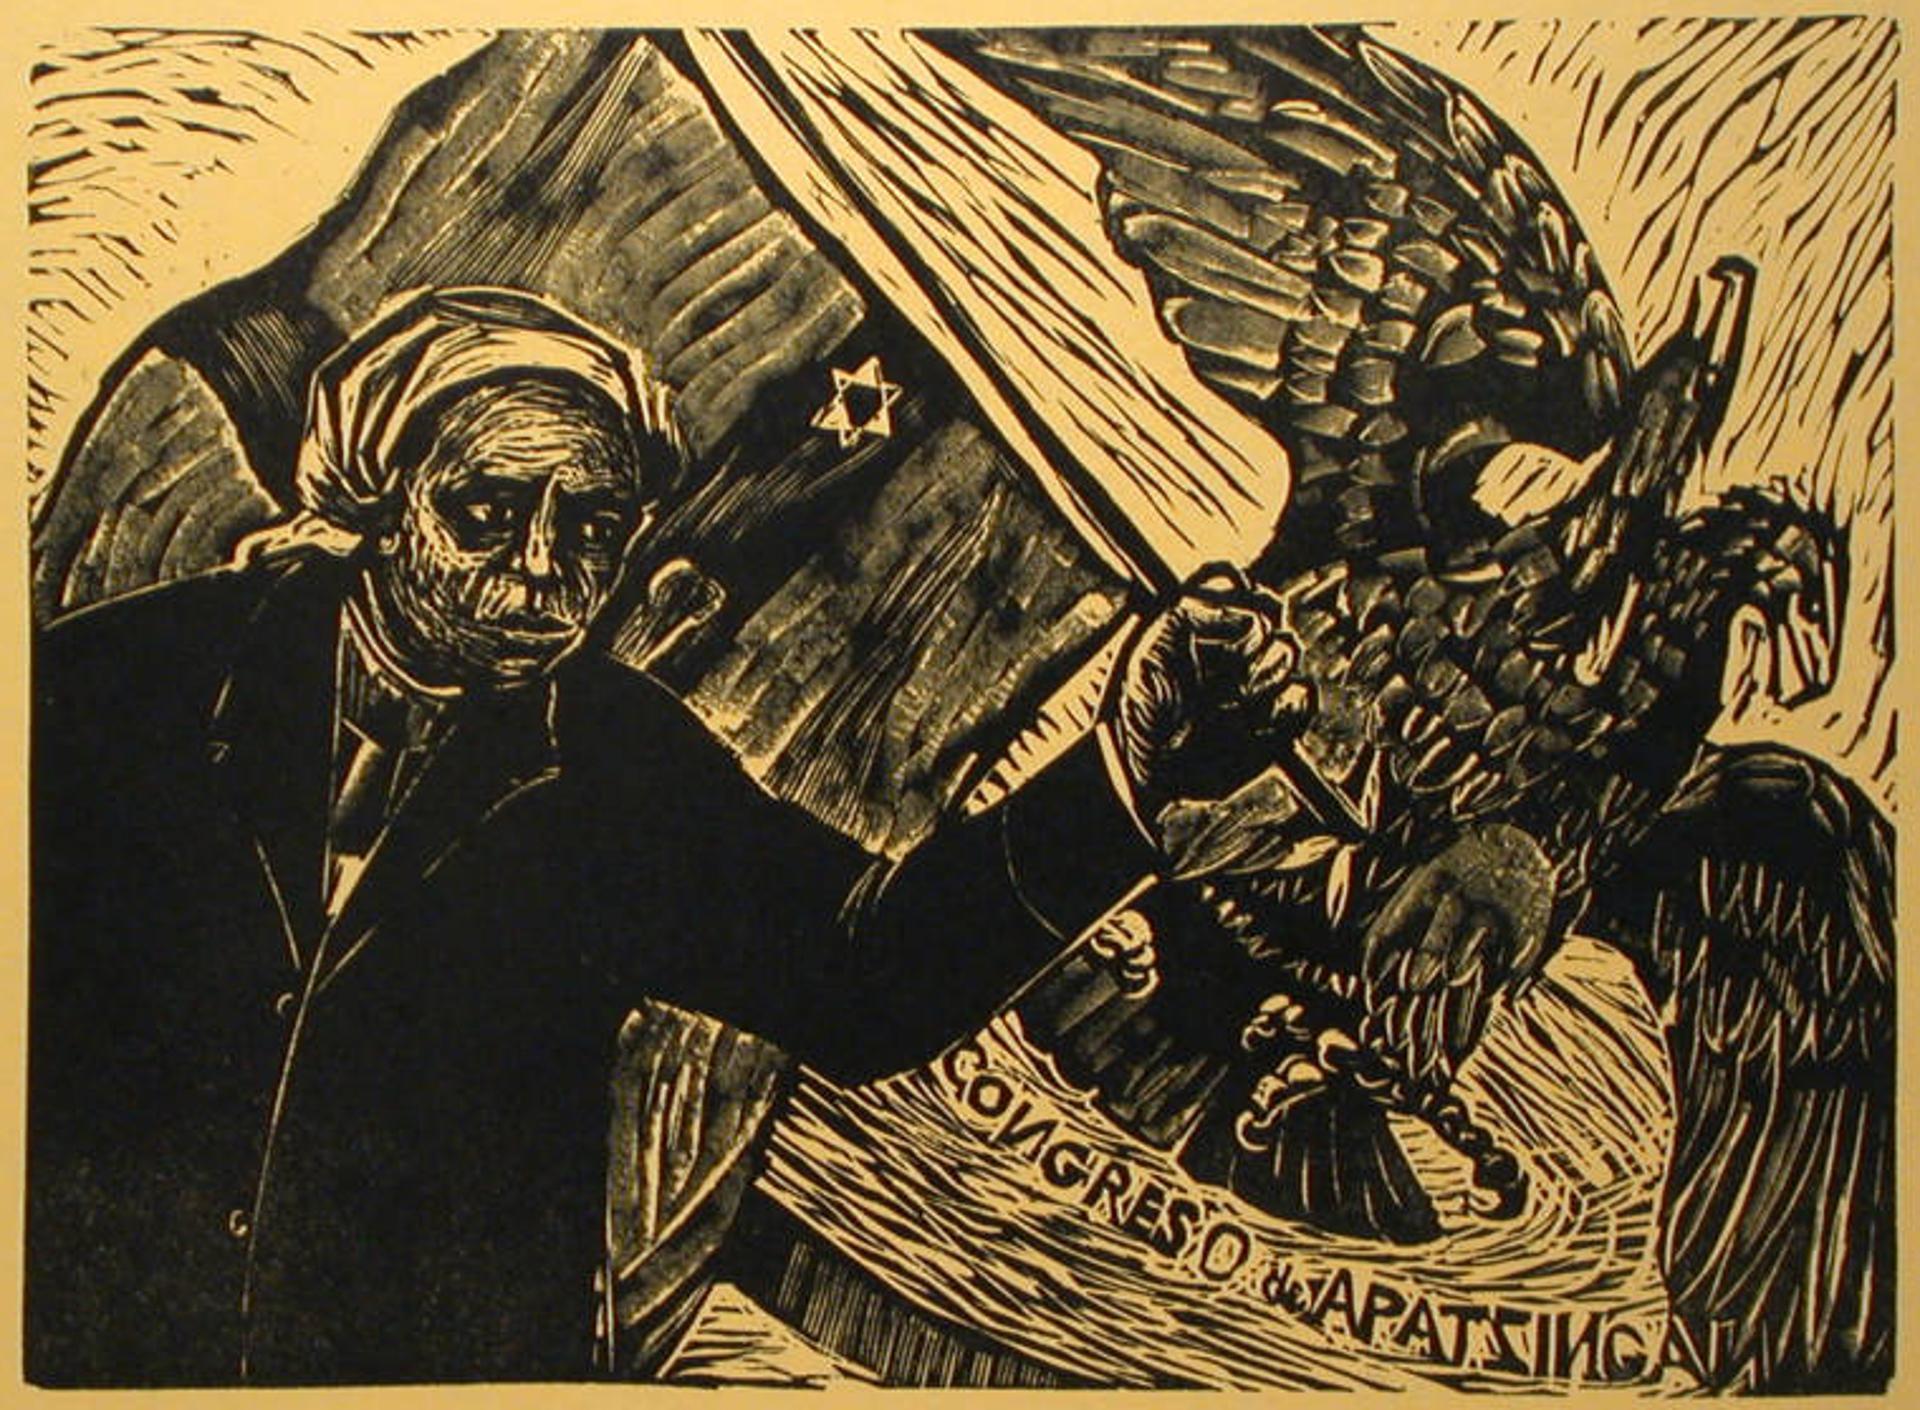 La Primera Constitución by Ignacio Aguirre (1900 – 1990)